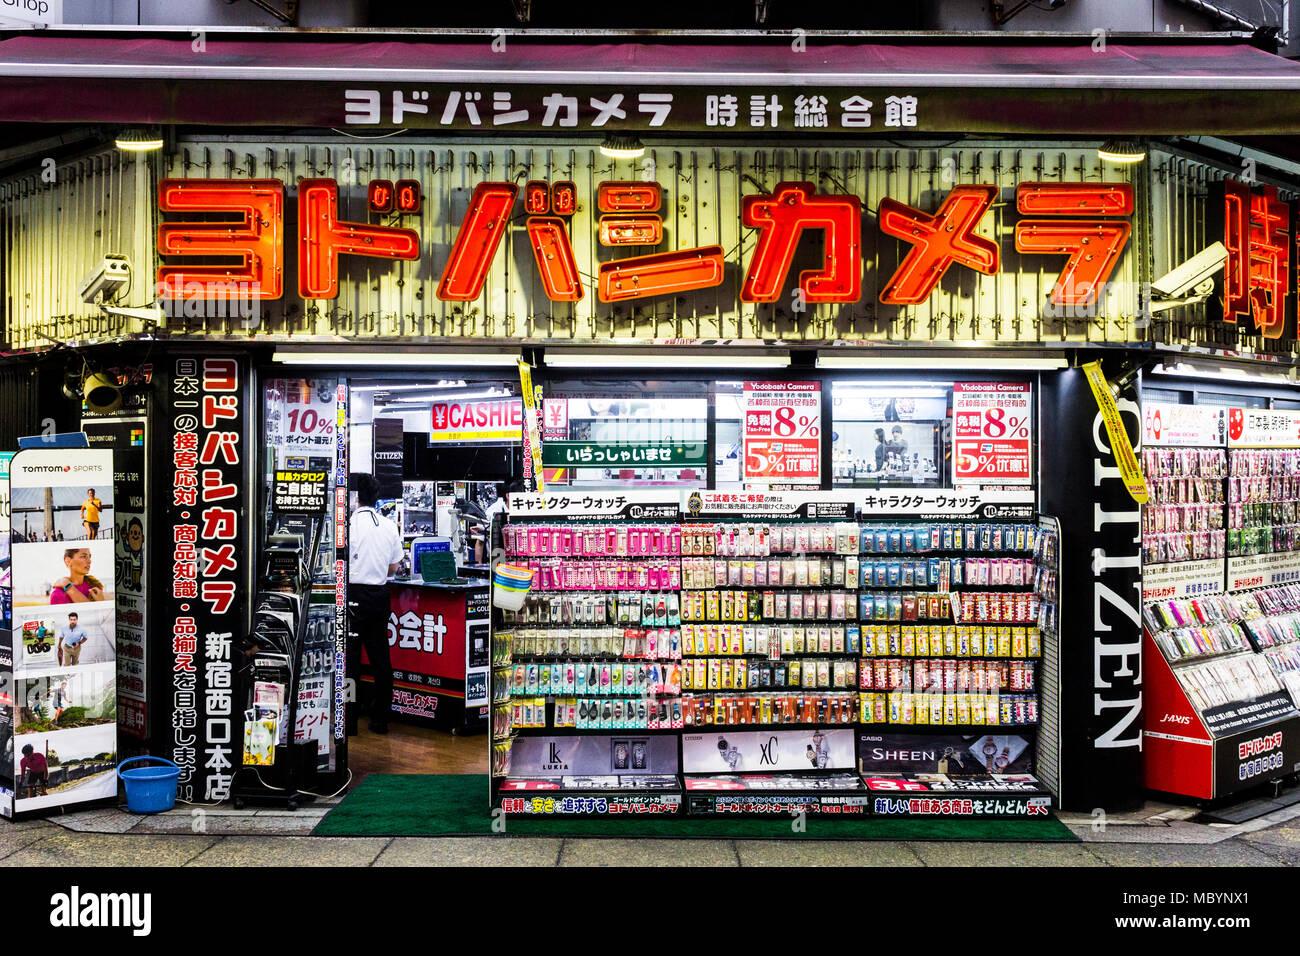 Tokio, Japan. Yodobashi Camera Store, einem größeren japanischen Einzelhandelskette spezialisiert auf Elektronik, PCs, Kameras und fotografische Geräte Stockbild